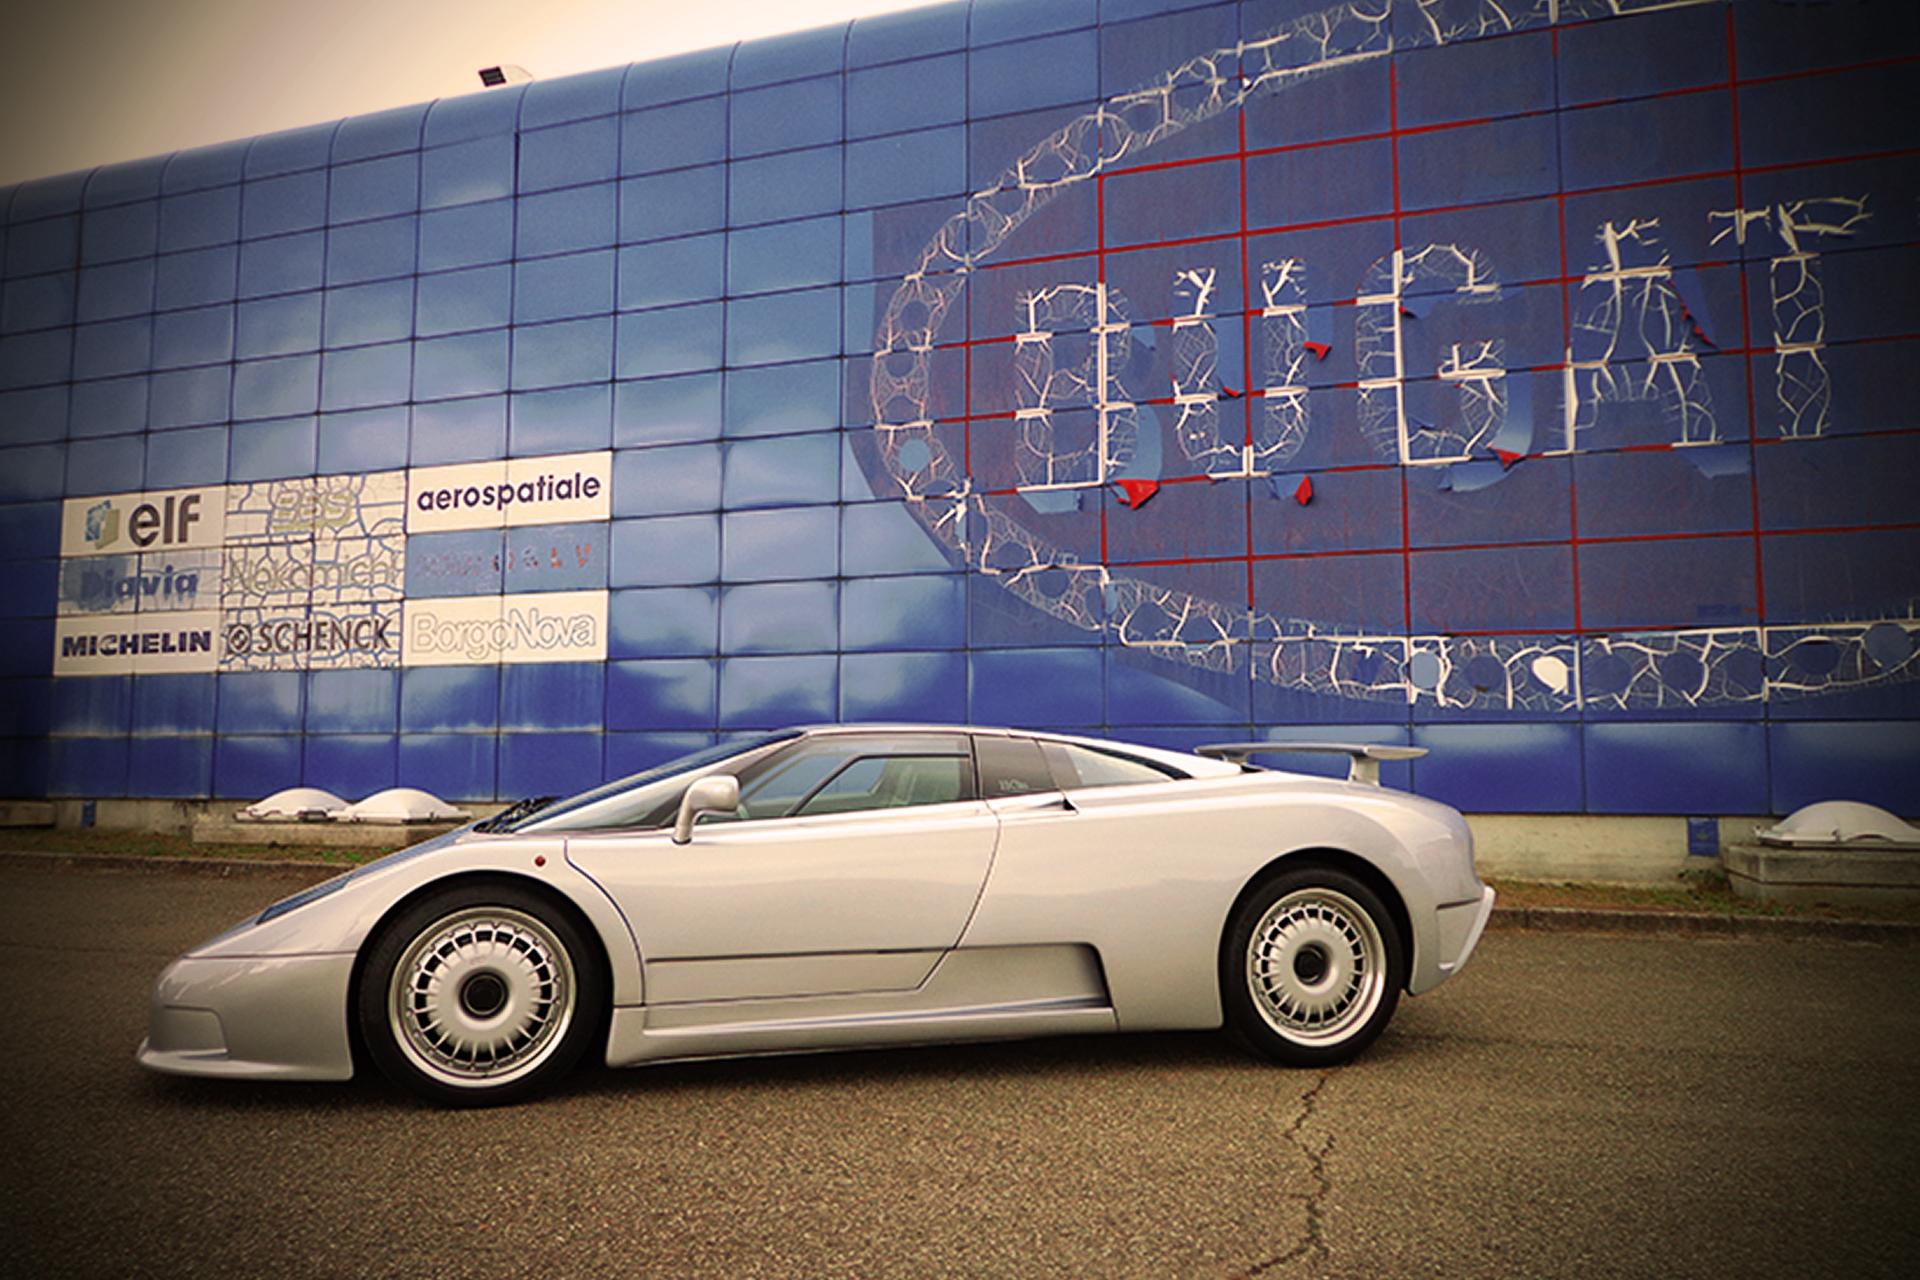 Articoli - Bugatti EB110 il sogno mancato Campogalliano